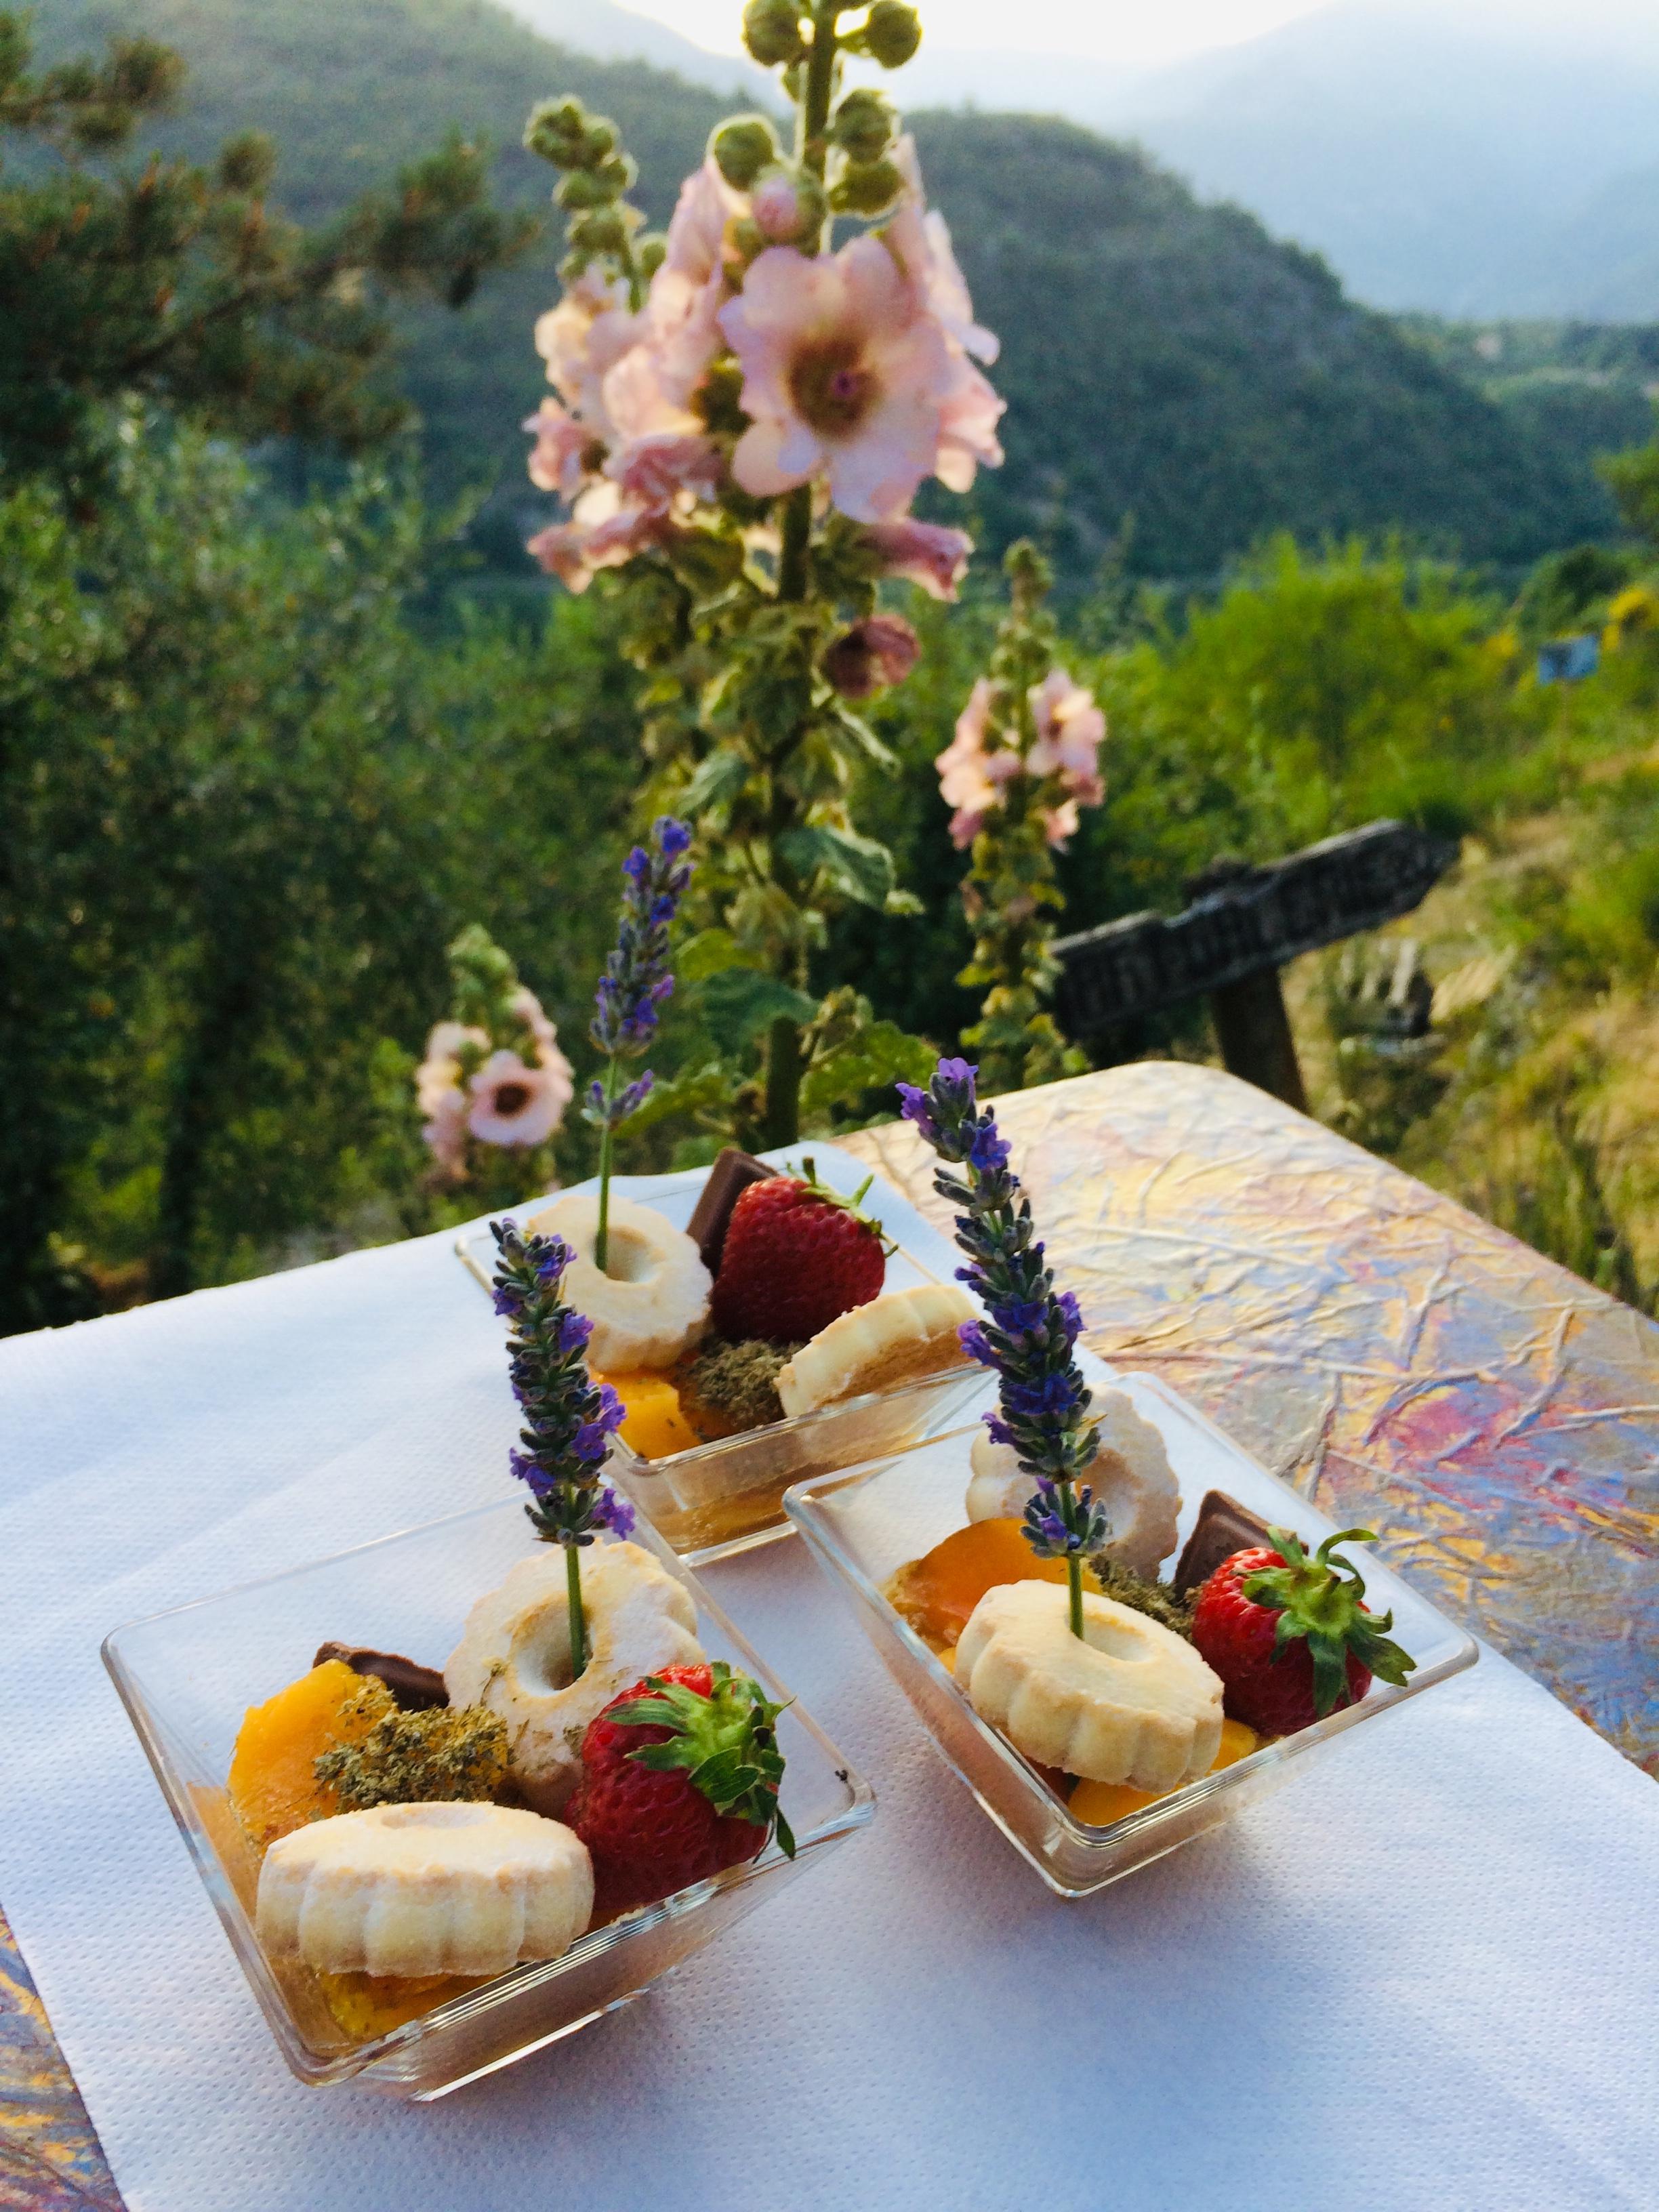 Un dessert maison, table d'hôtes